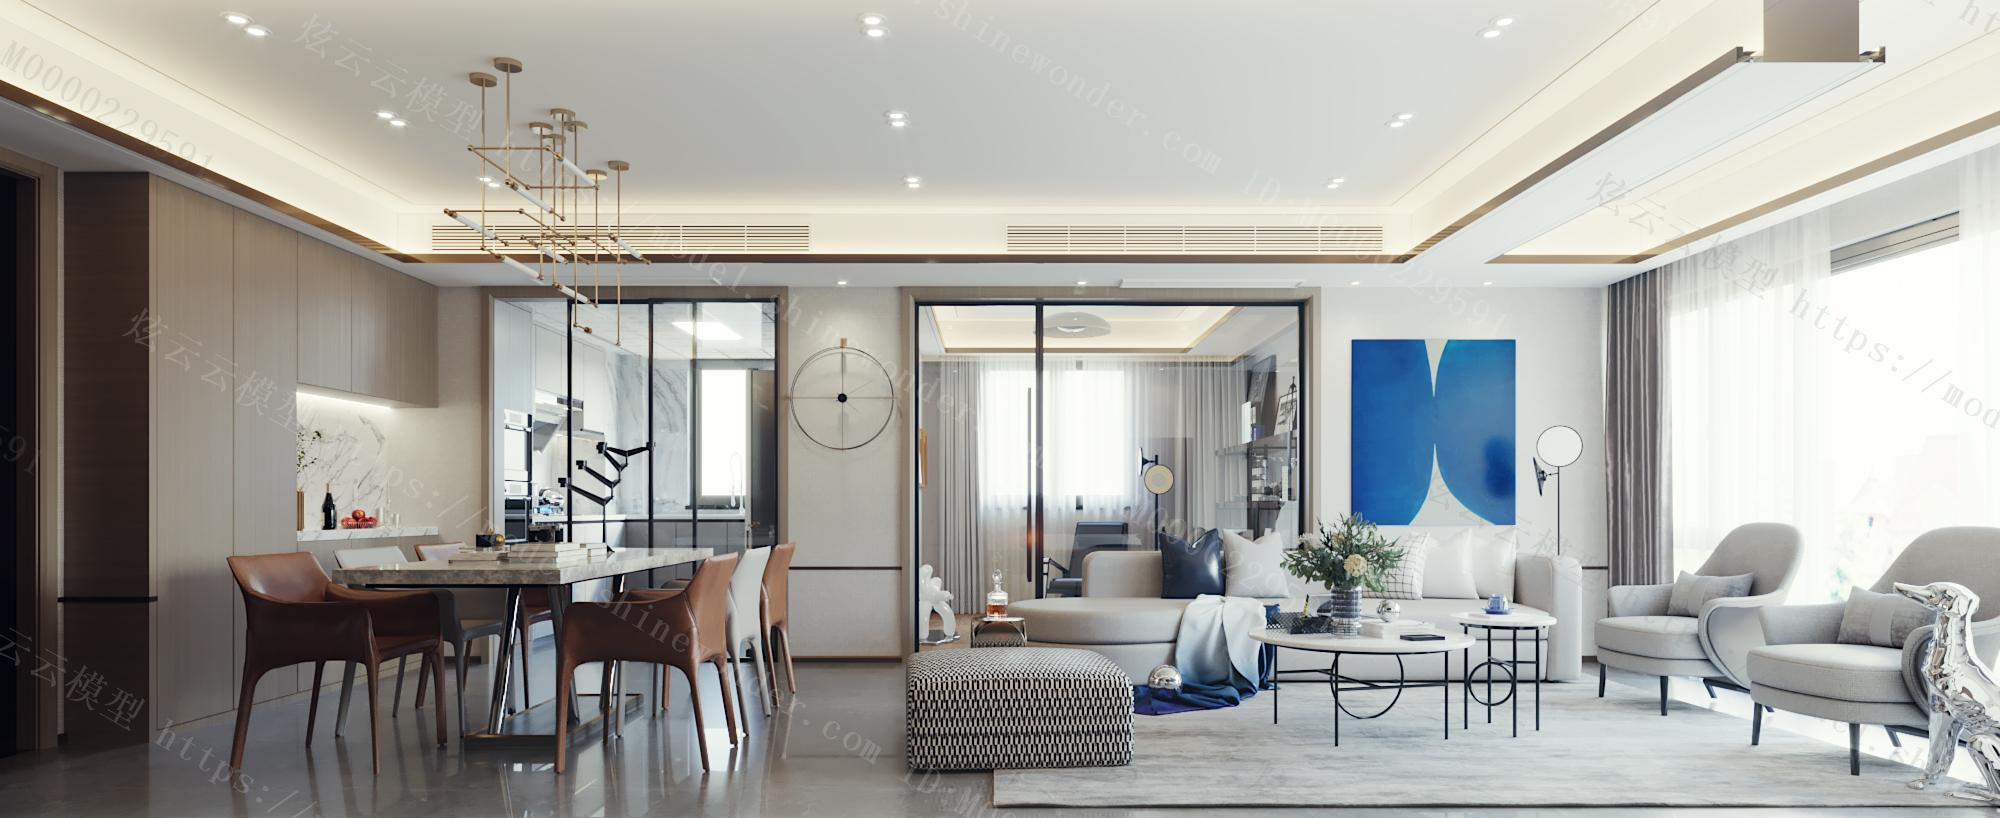 现代蓝色客餐厅模型